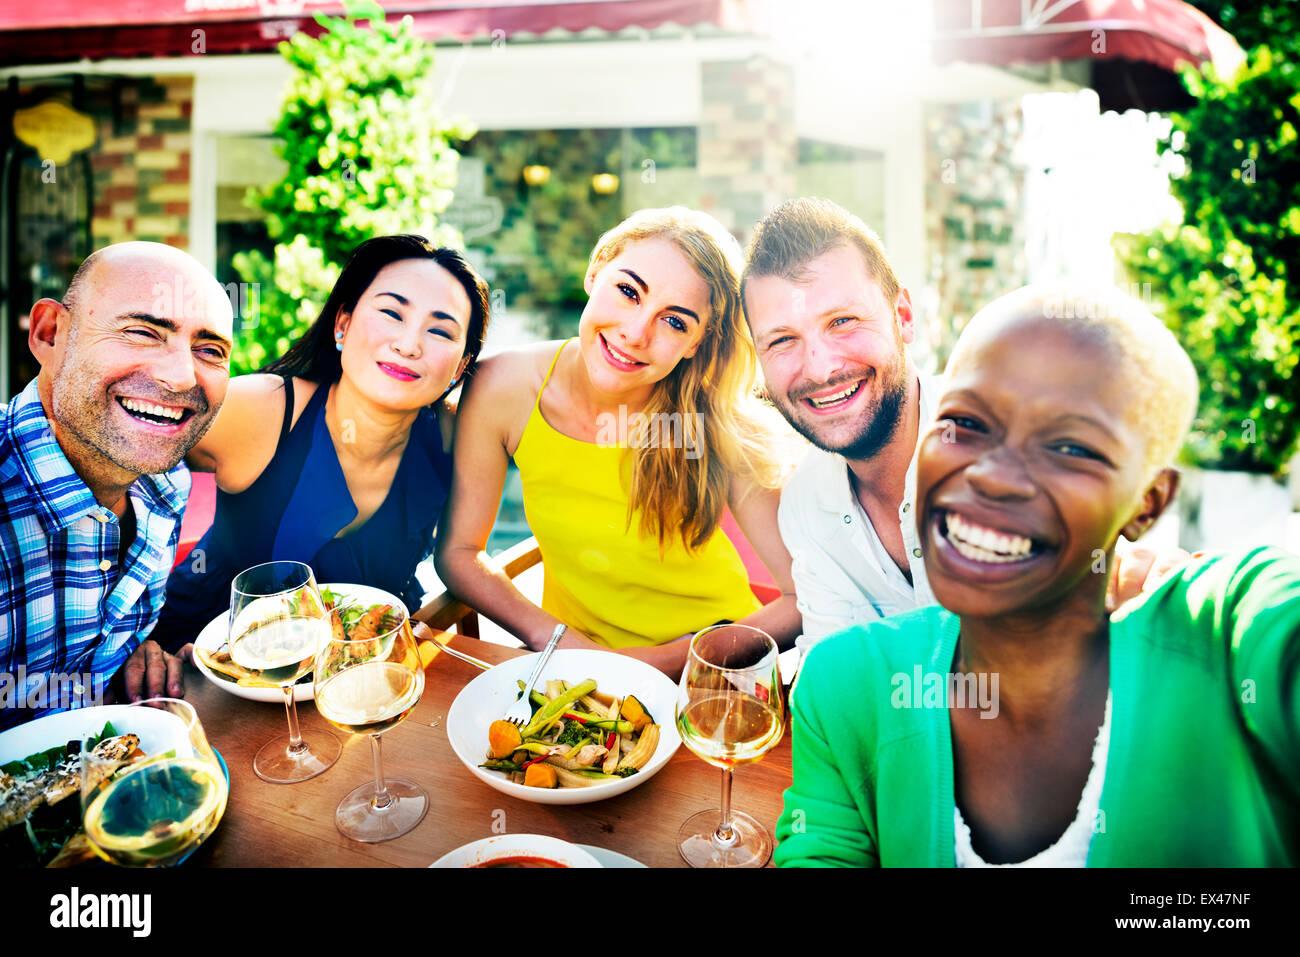 La gente parte amicizia affiatamento in concetto di felicità Immagini Stock